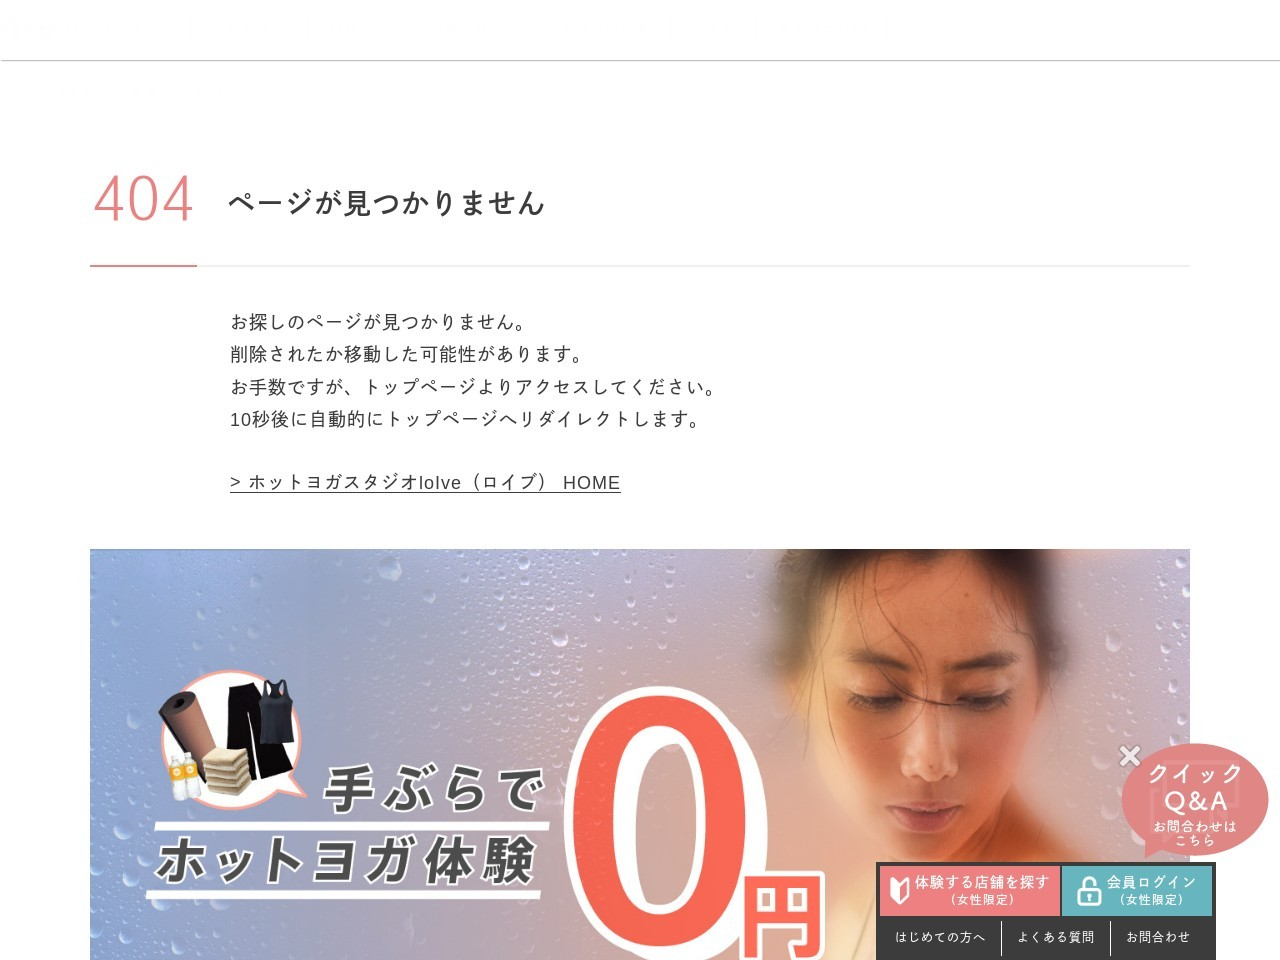 loIve紀伊川辺店のイメージ写真